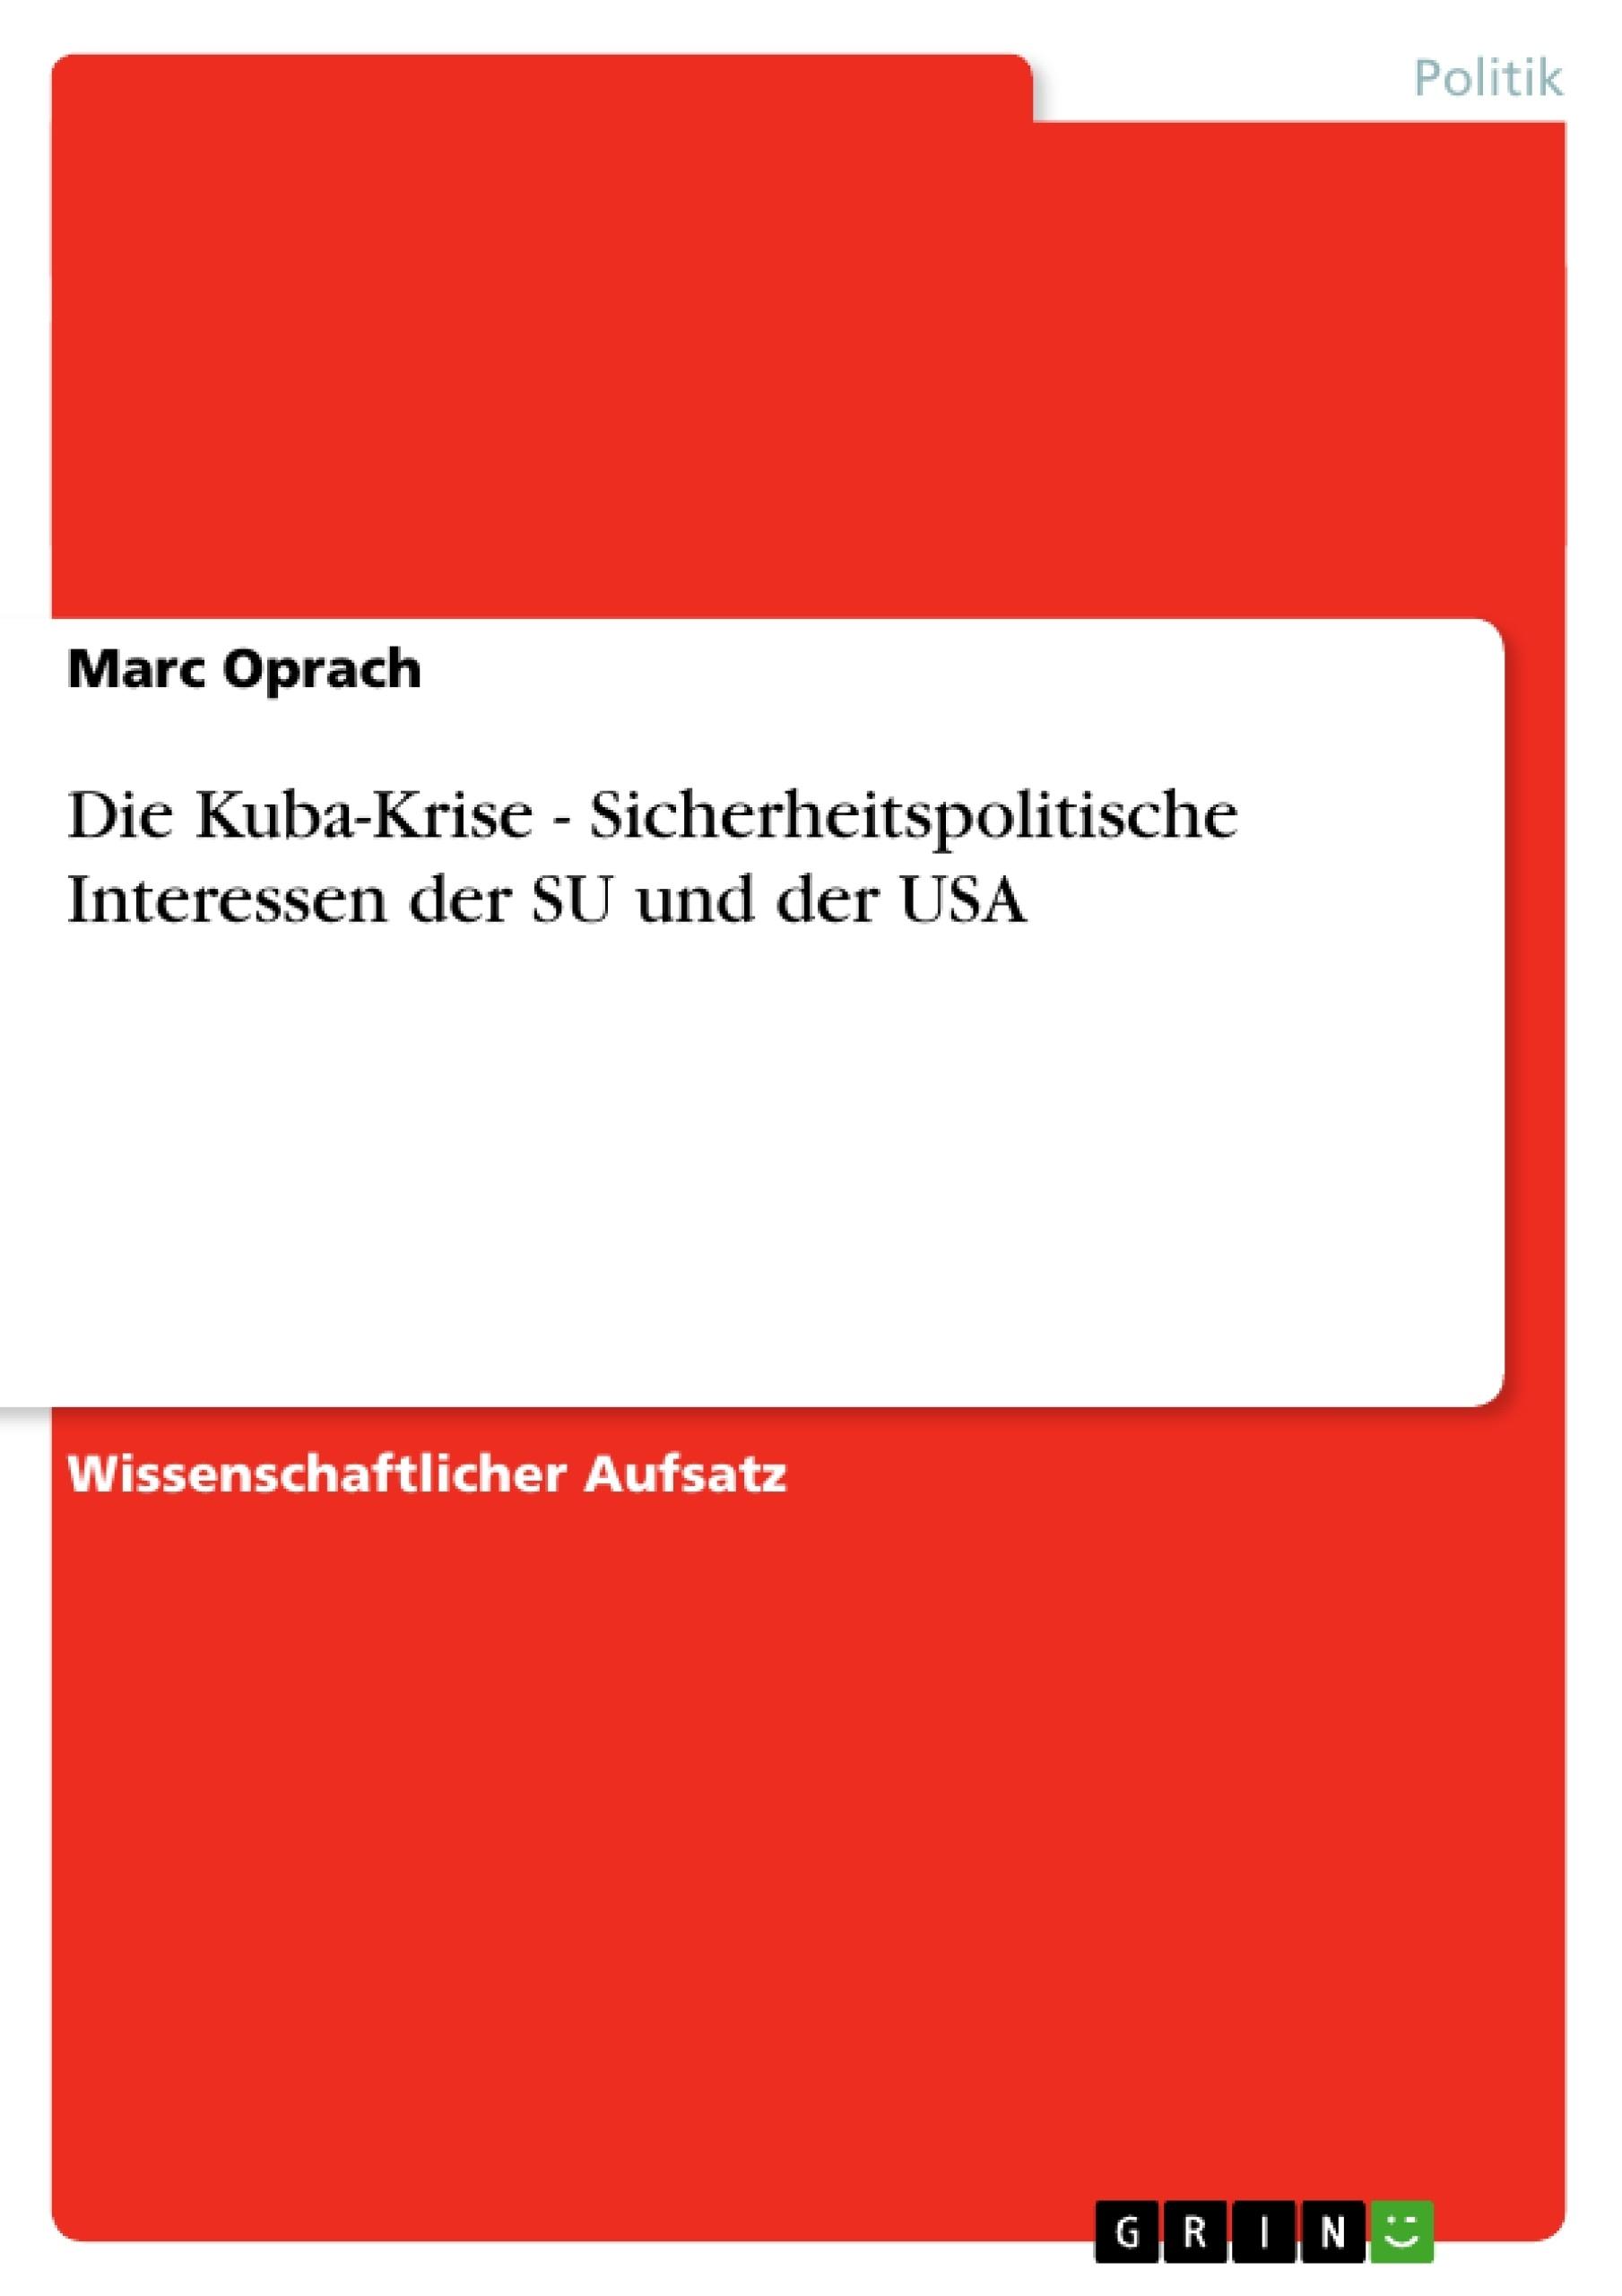 Titel: Die Kuba-Krise - Sicherheitspolitische Interessen der SU und der USA